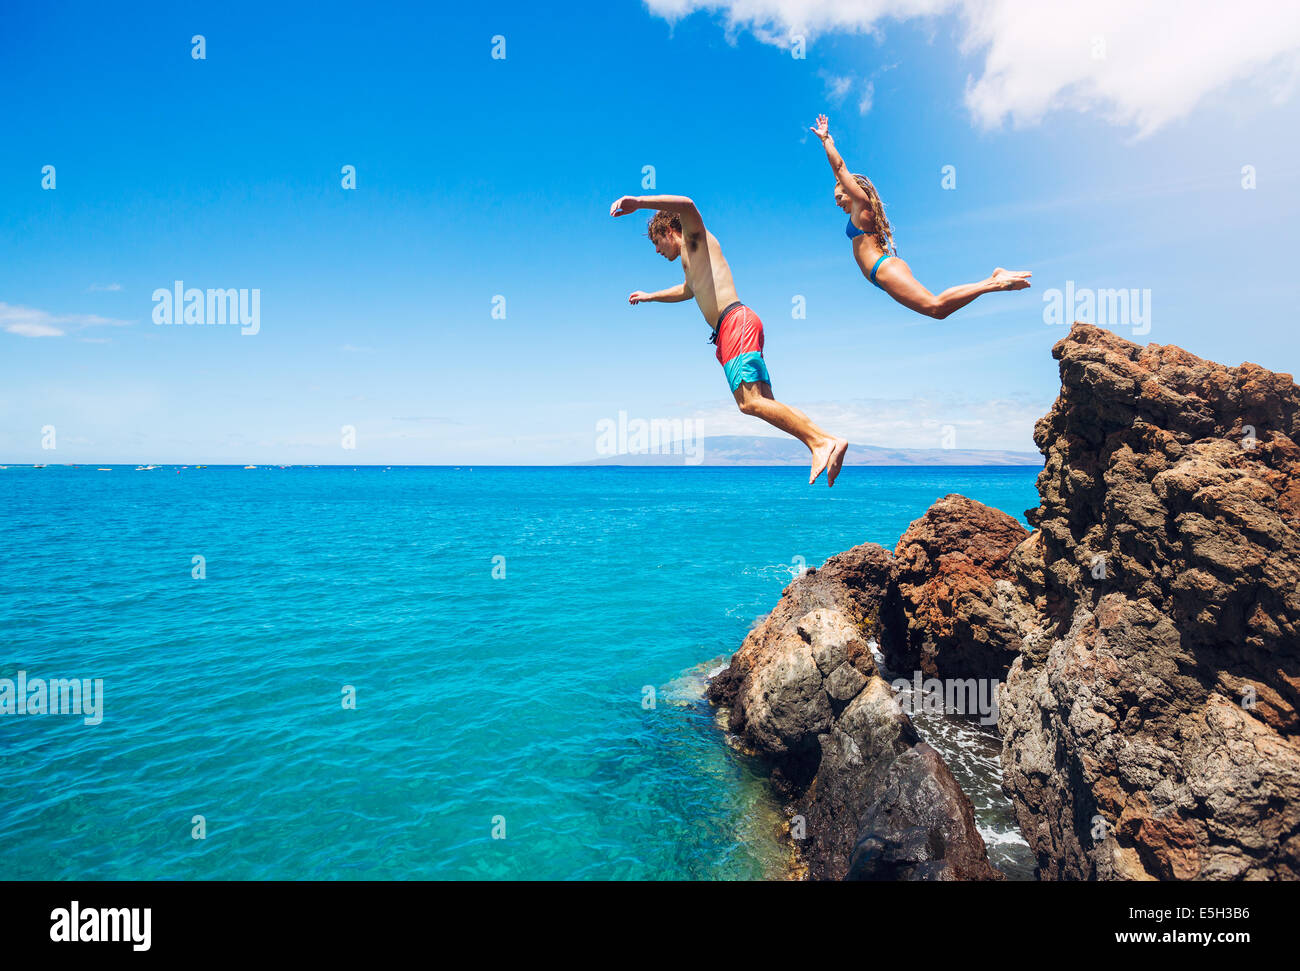 Les amis saut de falaise dans l'océan, d'été en toute vie. Photo Stock